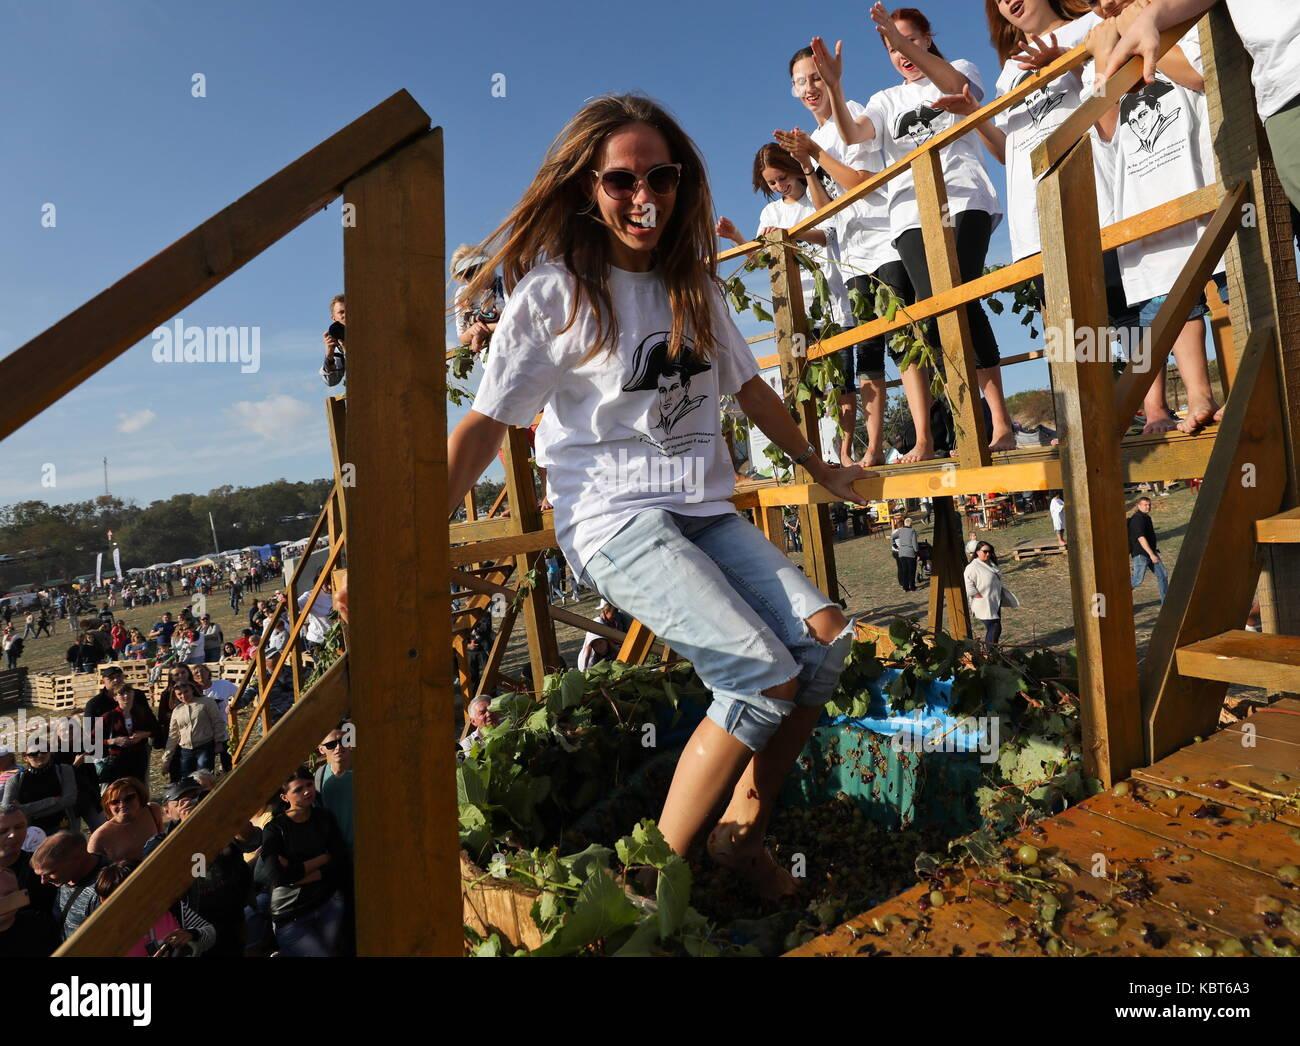 La Crimée, la Russie. 30Th sep 2017. Une fille au raisin stomps winefest la vendange et du vin festival au Photo Stock